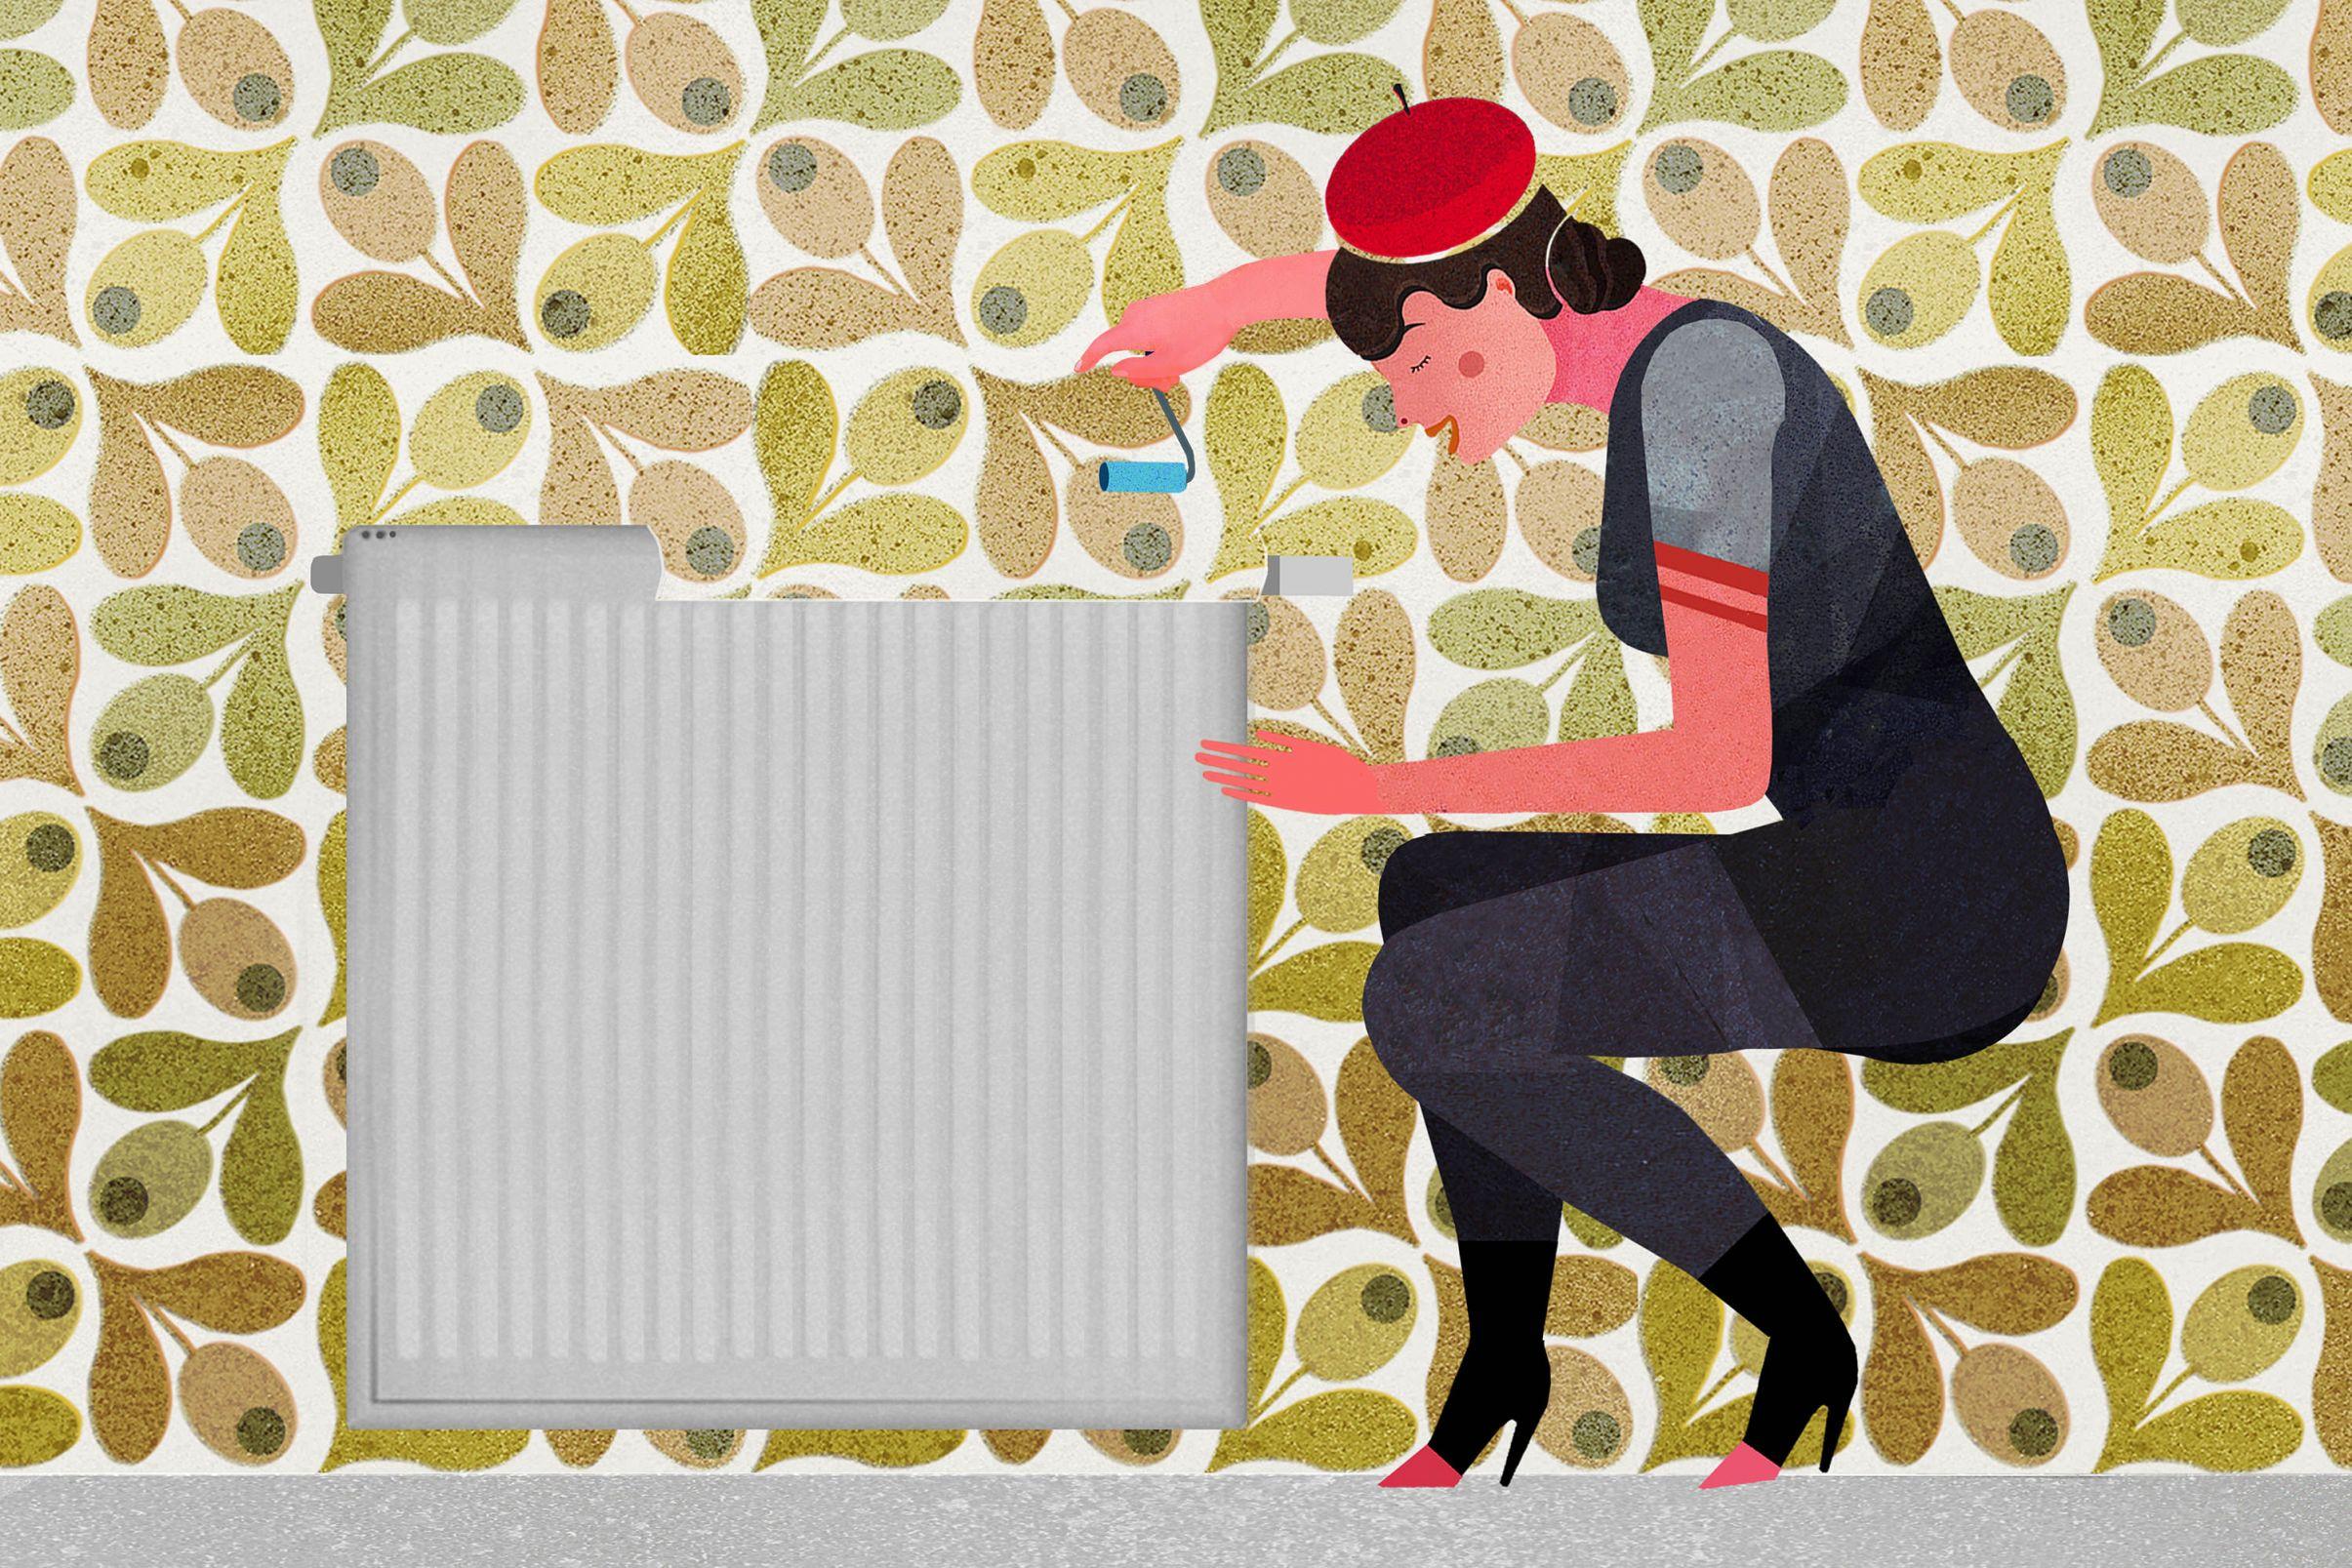 Como-empapelar-detras-de-radiadores-Empapelar-hacia-los-bordes-del-radiador